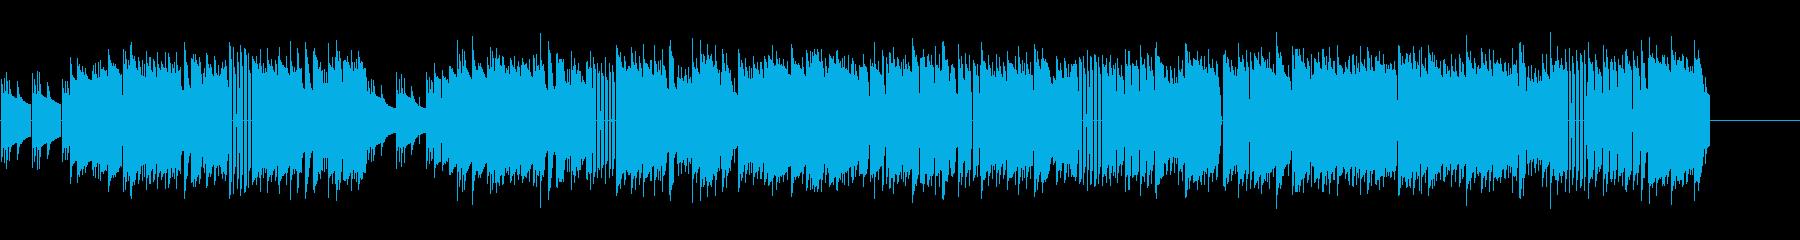 「結婚行進曲」8bit verの再生済みの波形